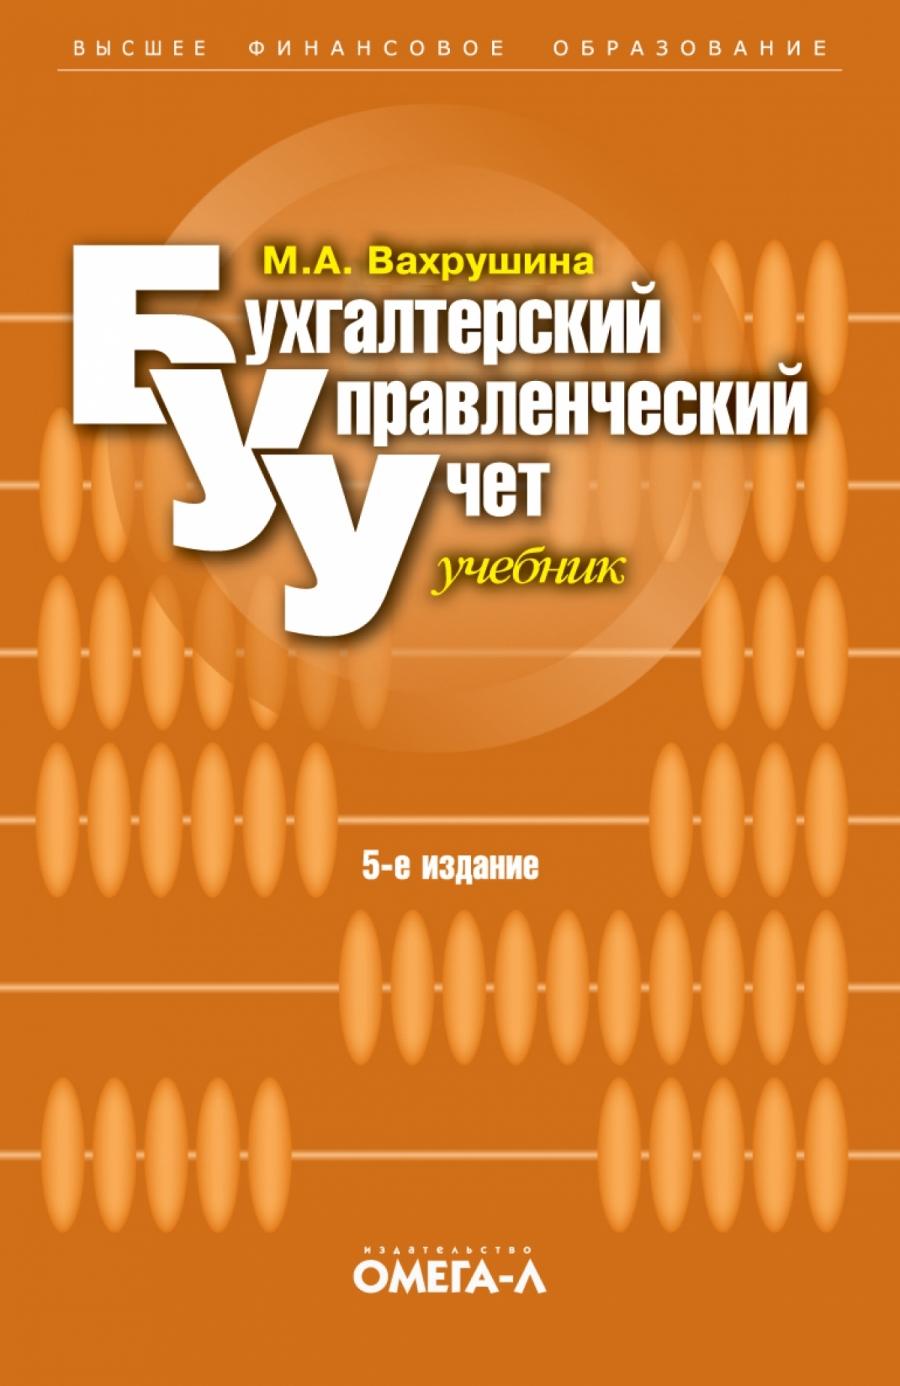 Обложка книги:  вахрушина м.а. - бухгалтерский управленческий учет (6-е издание)